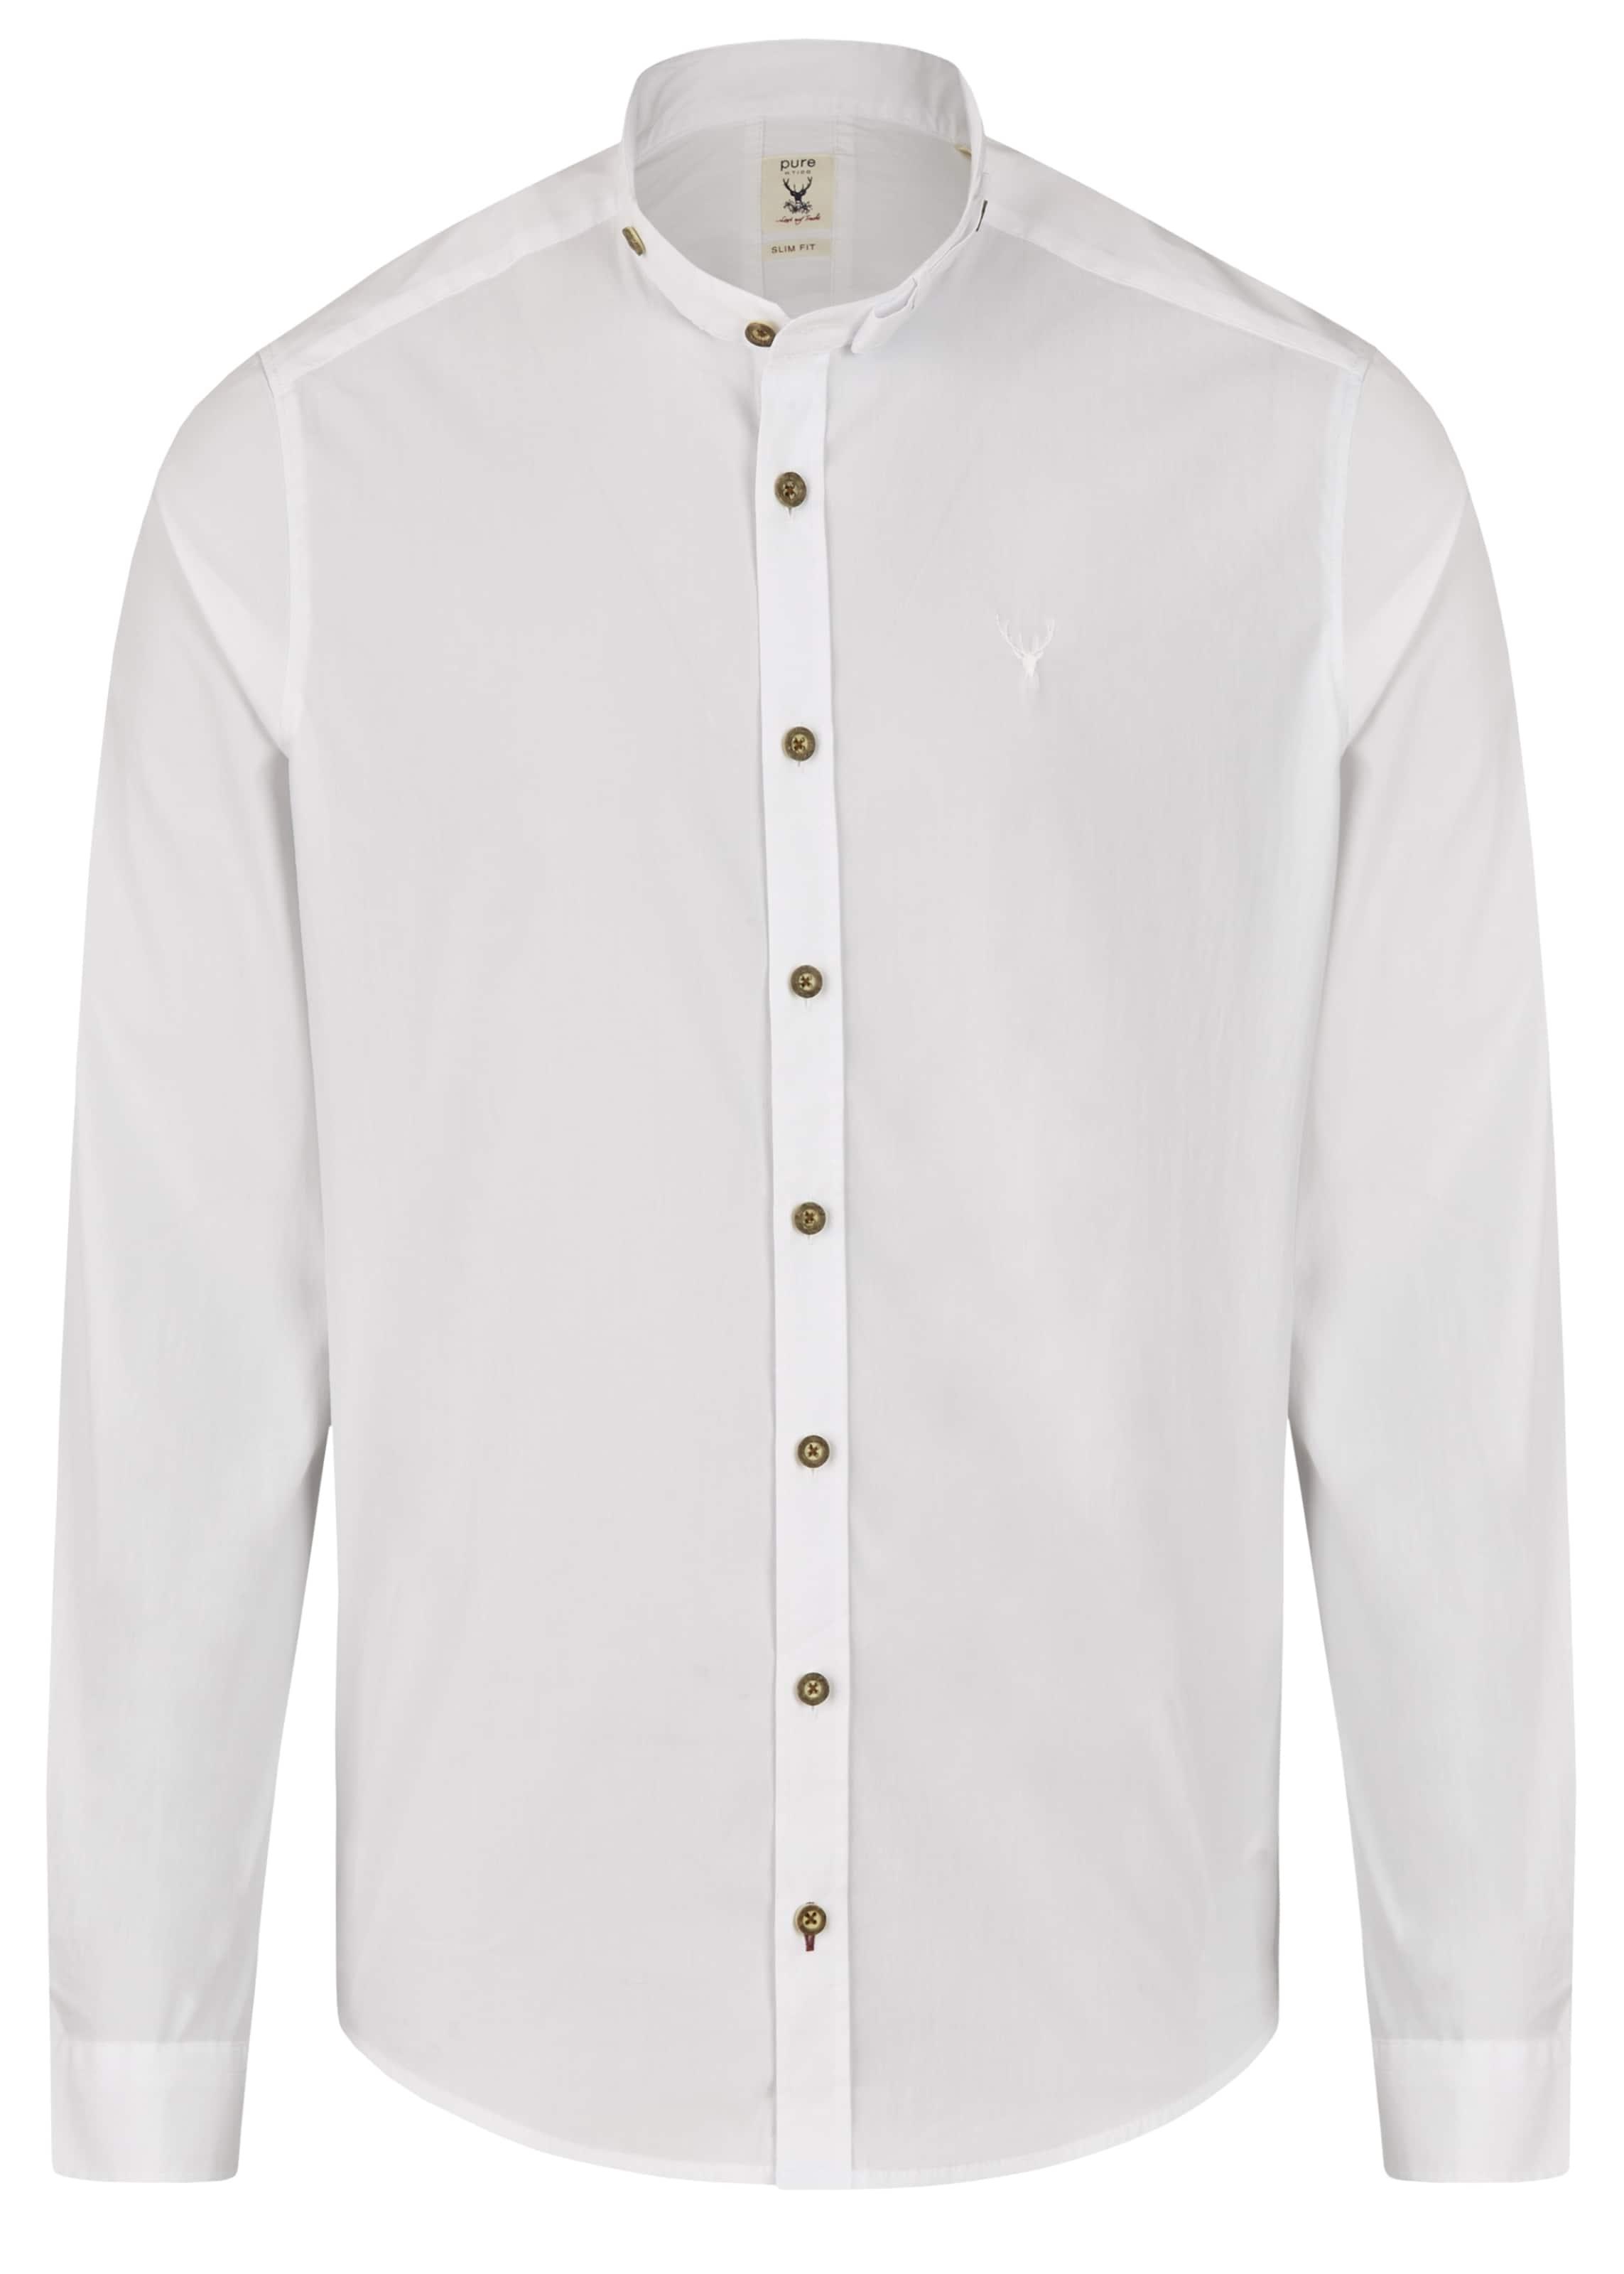 Herren Pure Trachtenhemd blau,  weiß, grau, schwarz, weiß | 04059825514786